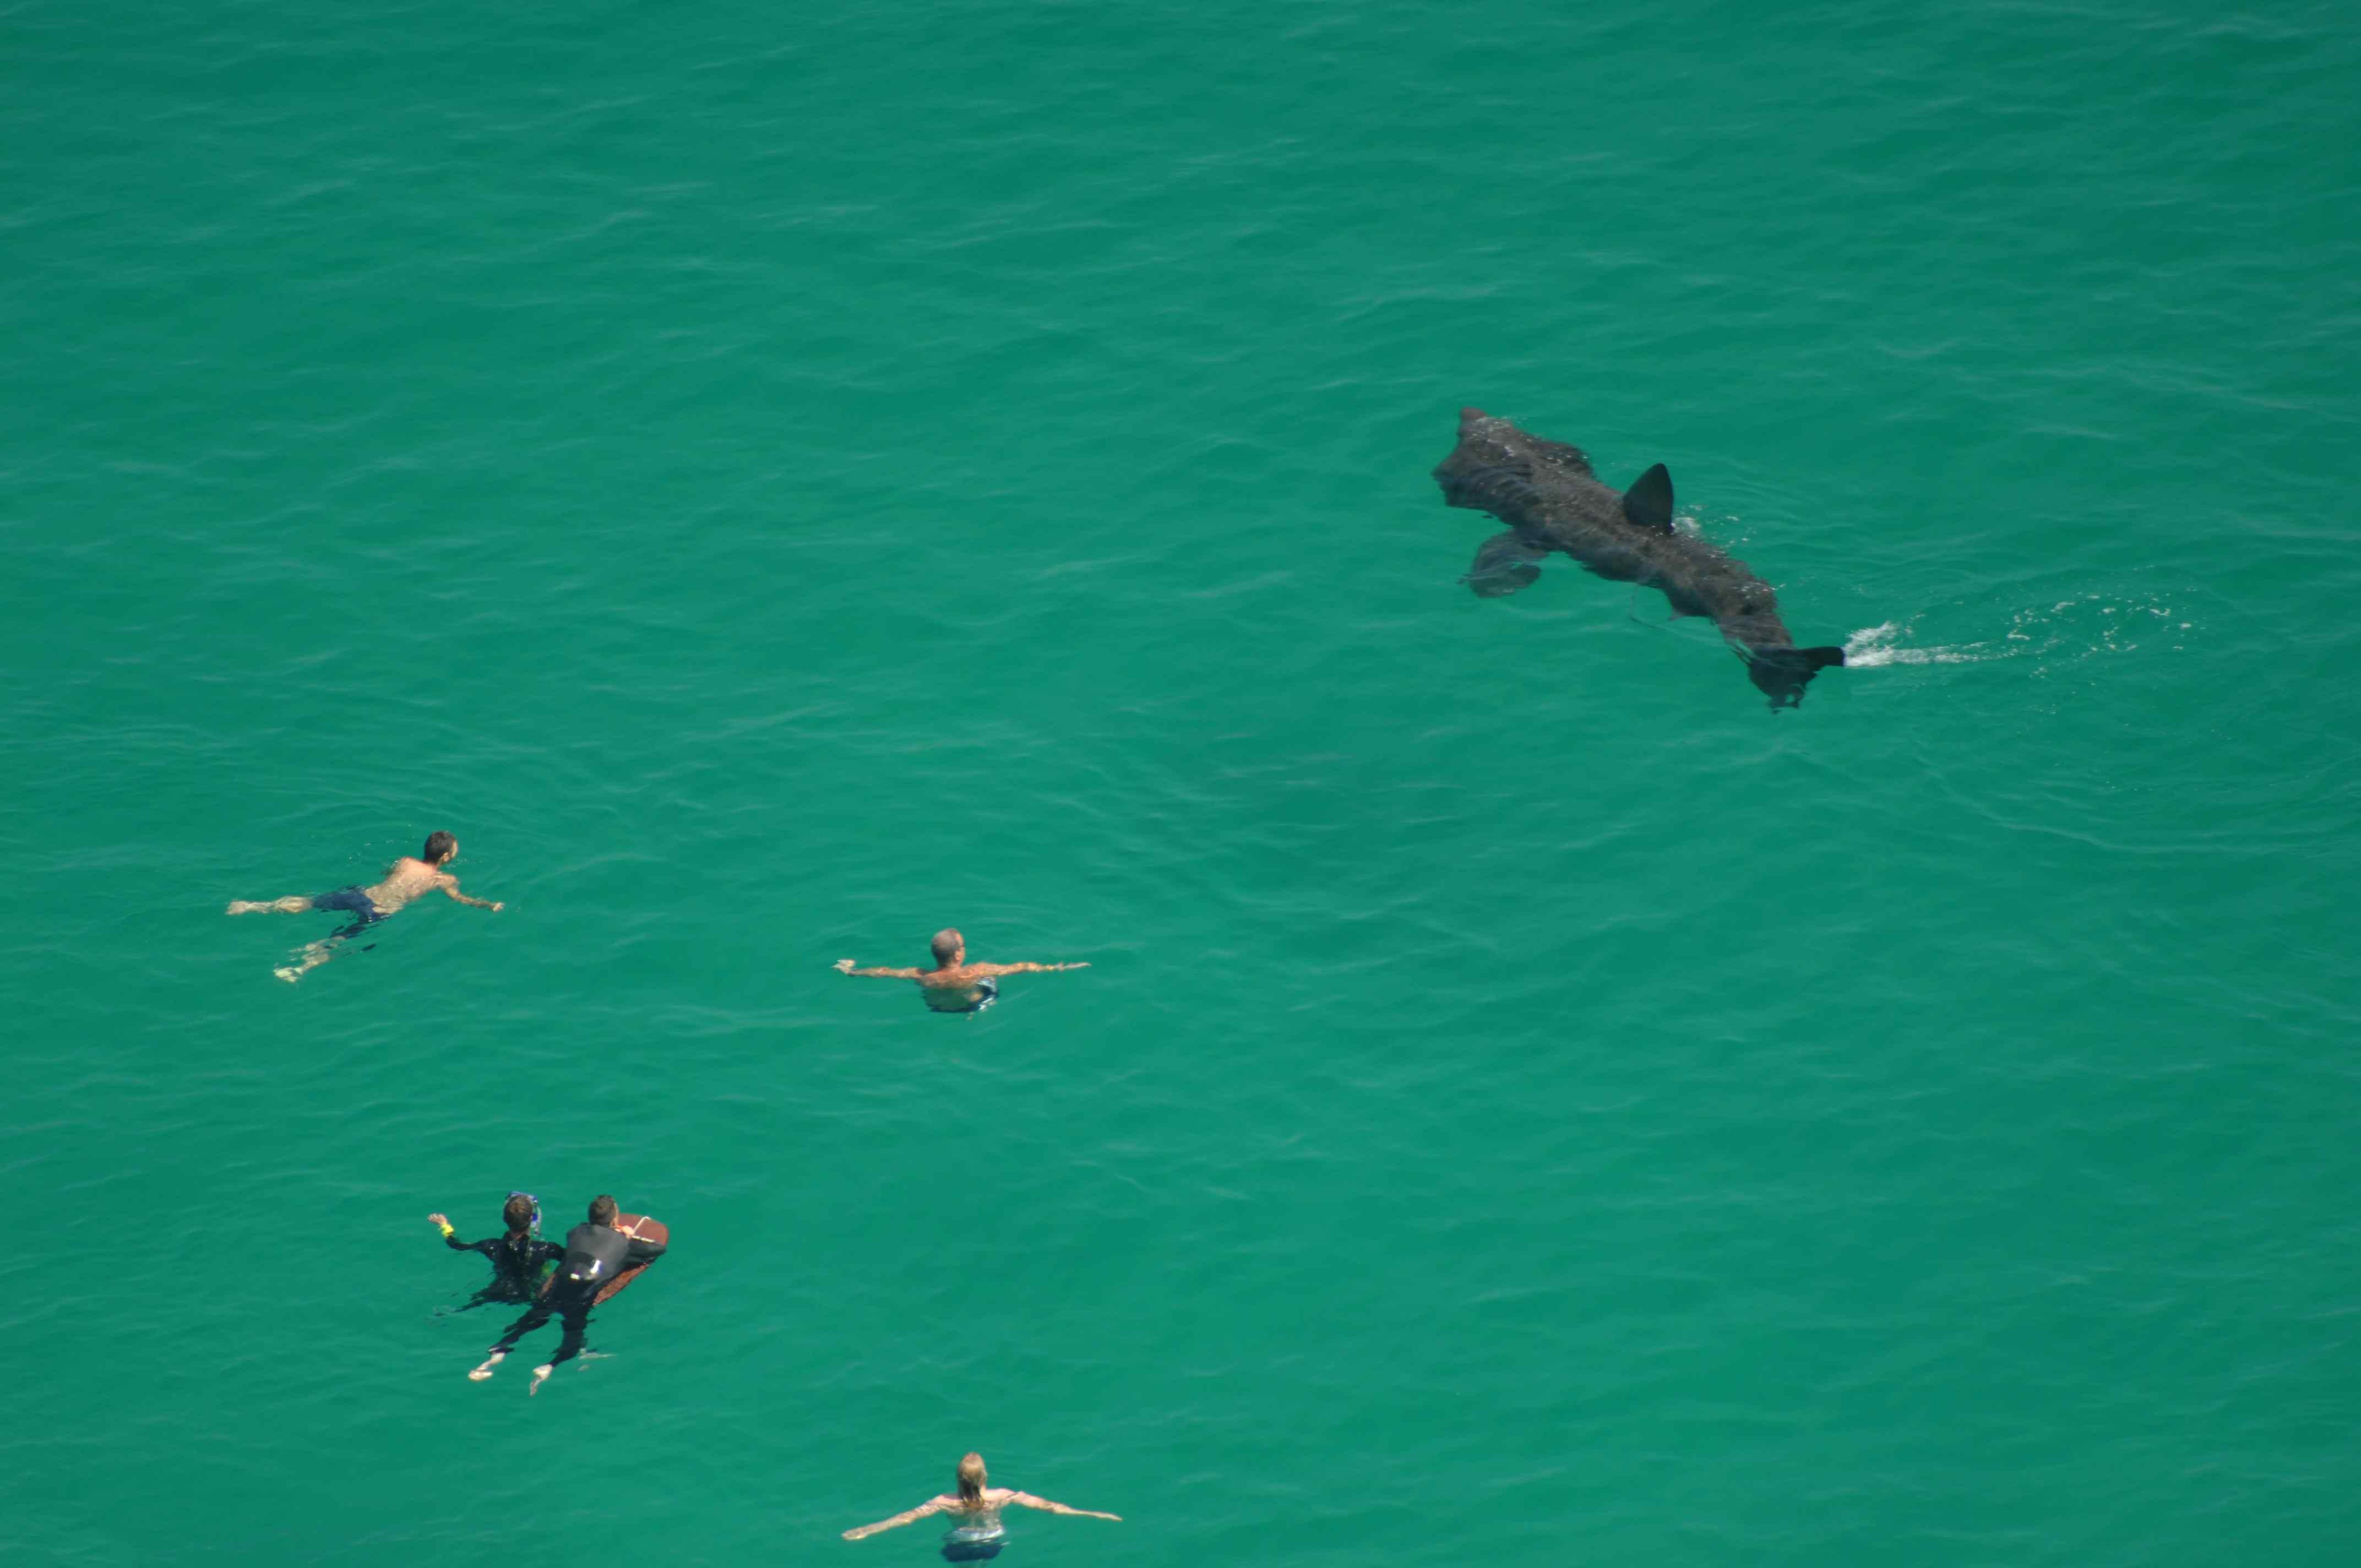 Los tiburones peregrinos no son agresivos y no pueden comerse a las personas.